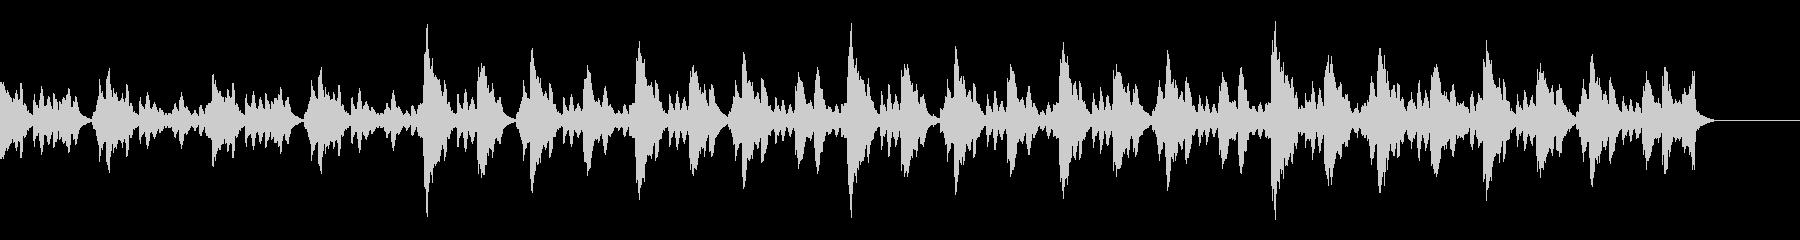 幻想的で神秘的なマリンバ(木琴)BGMの未再生の波形